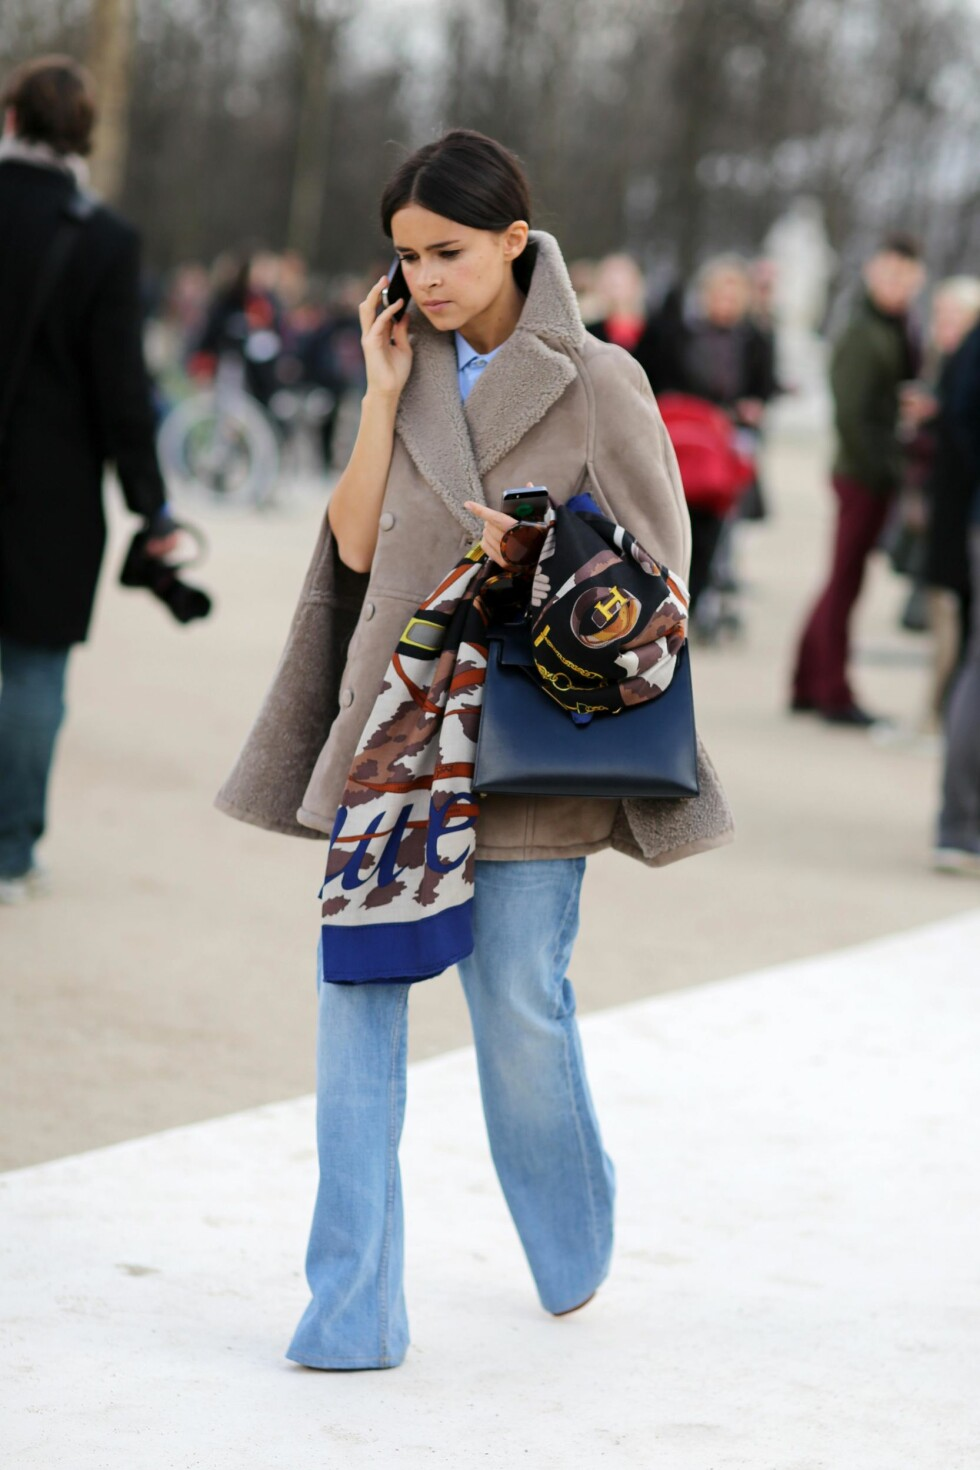 SLENGBUKSEN ER TILBAKE: En lang kardigan eller kåpe over jeansen vil skape en lang og smal silhuett. Foto: All Over Press